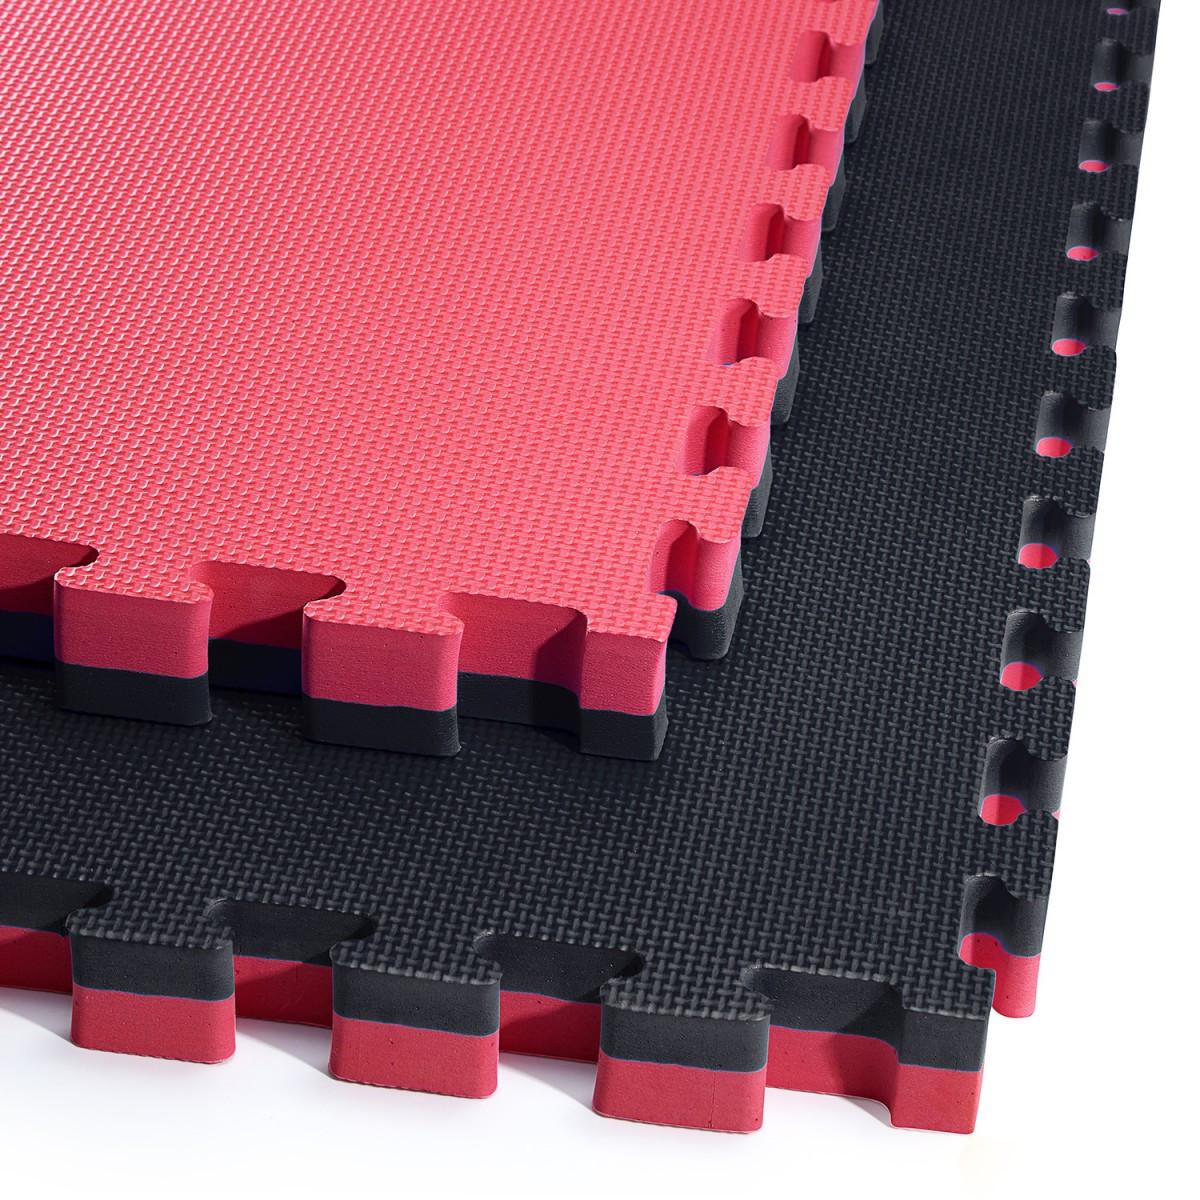 Мат пазл (ластівчин хвіст) килимок татамі 4FIZJO Mat Puzzle EVA 100 x 100 x 4 см 4FJ0199 Black/Red